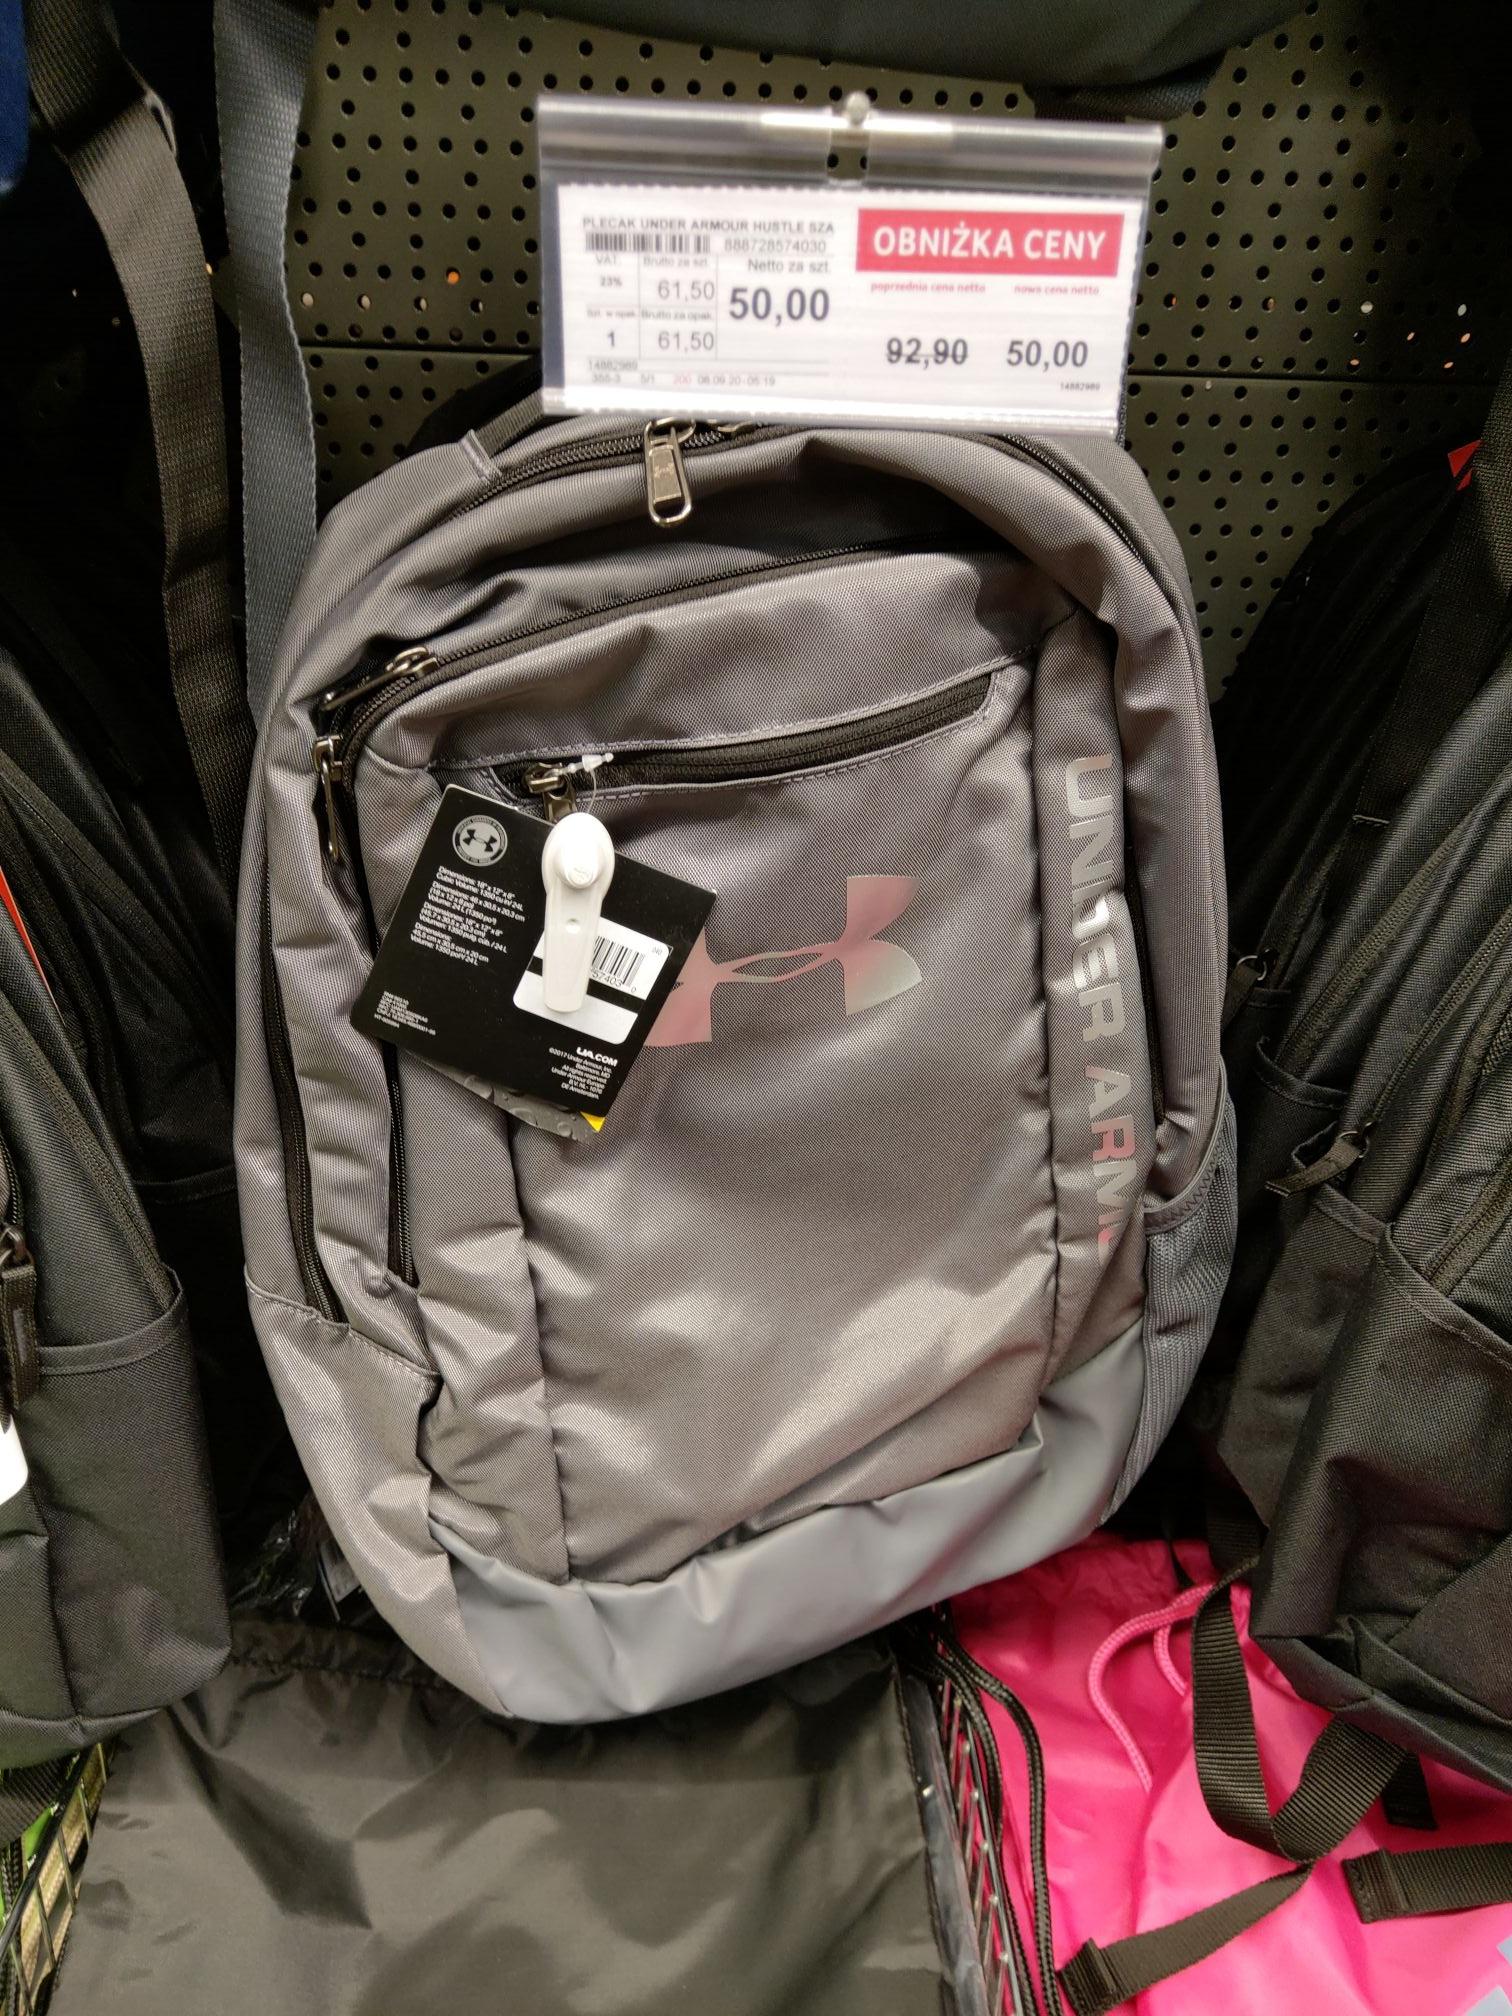 Selgros Białystok plecaki i torby Nike, adidas itp.